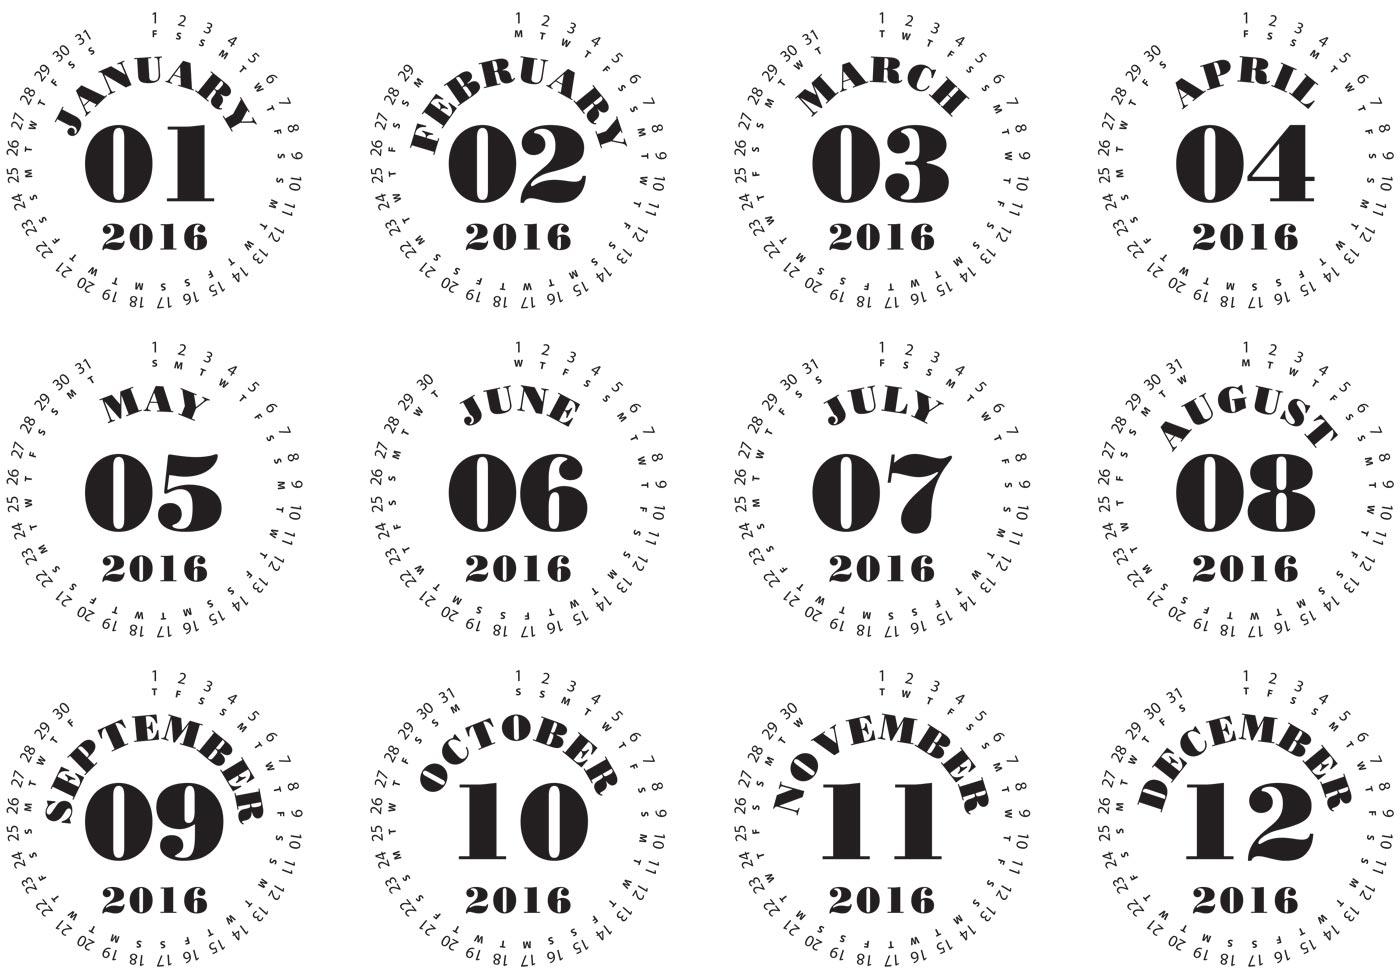 Typography Calendar Download : Typographic calendar download free vector art